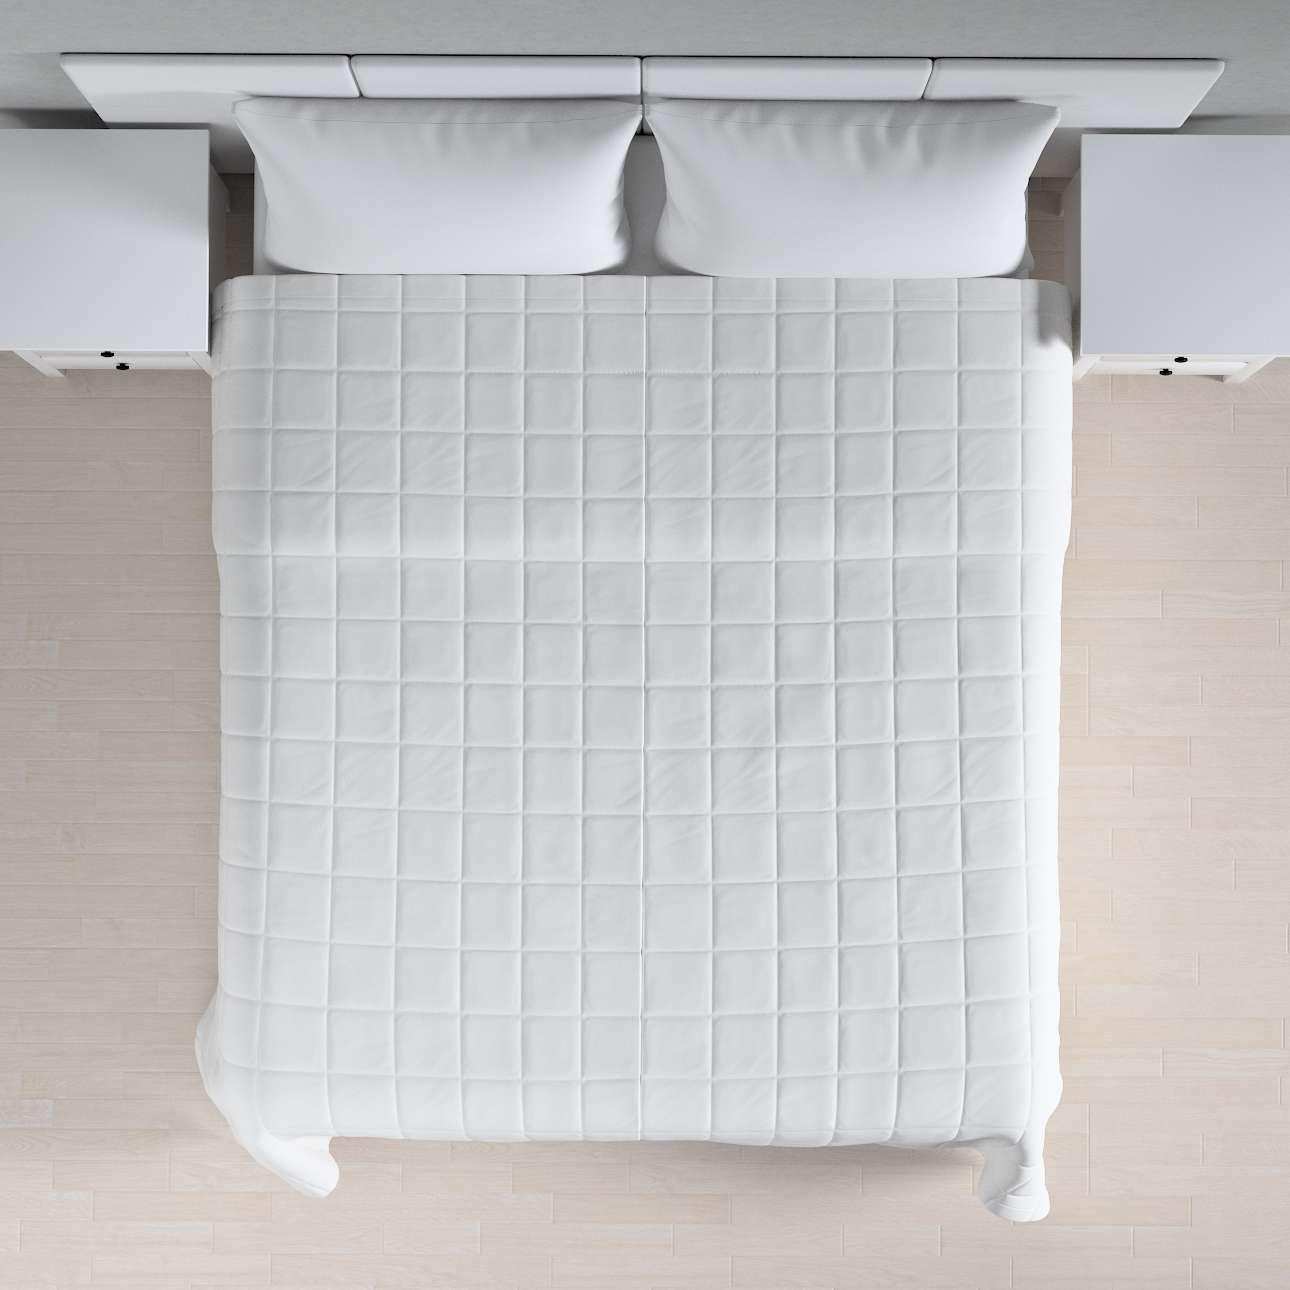 Prehoz prešívaný do štvorcov V kolekcii Loneta, tkanina: 133-02